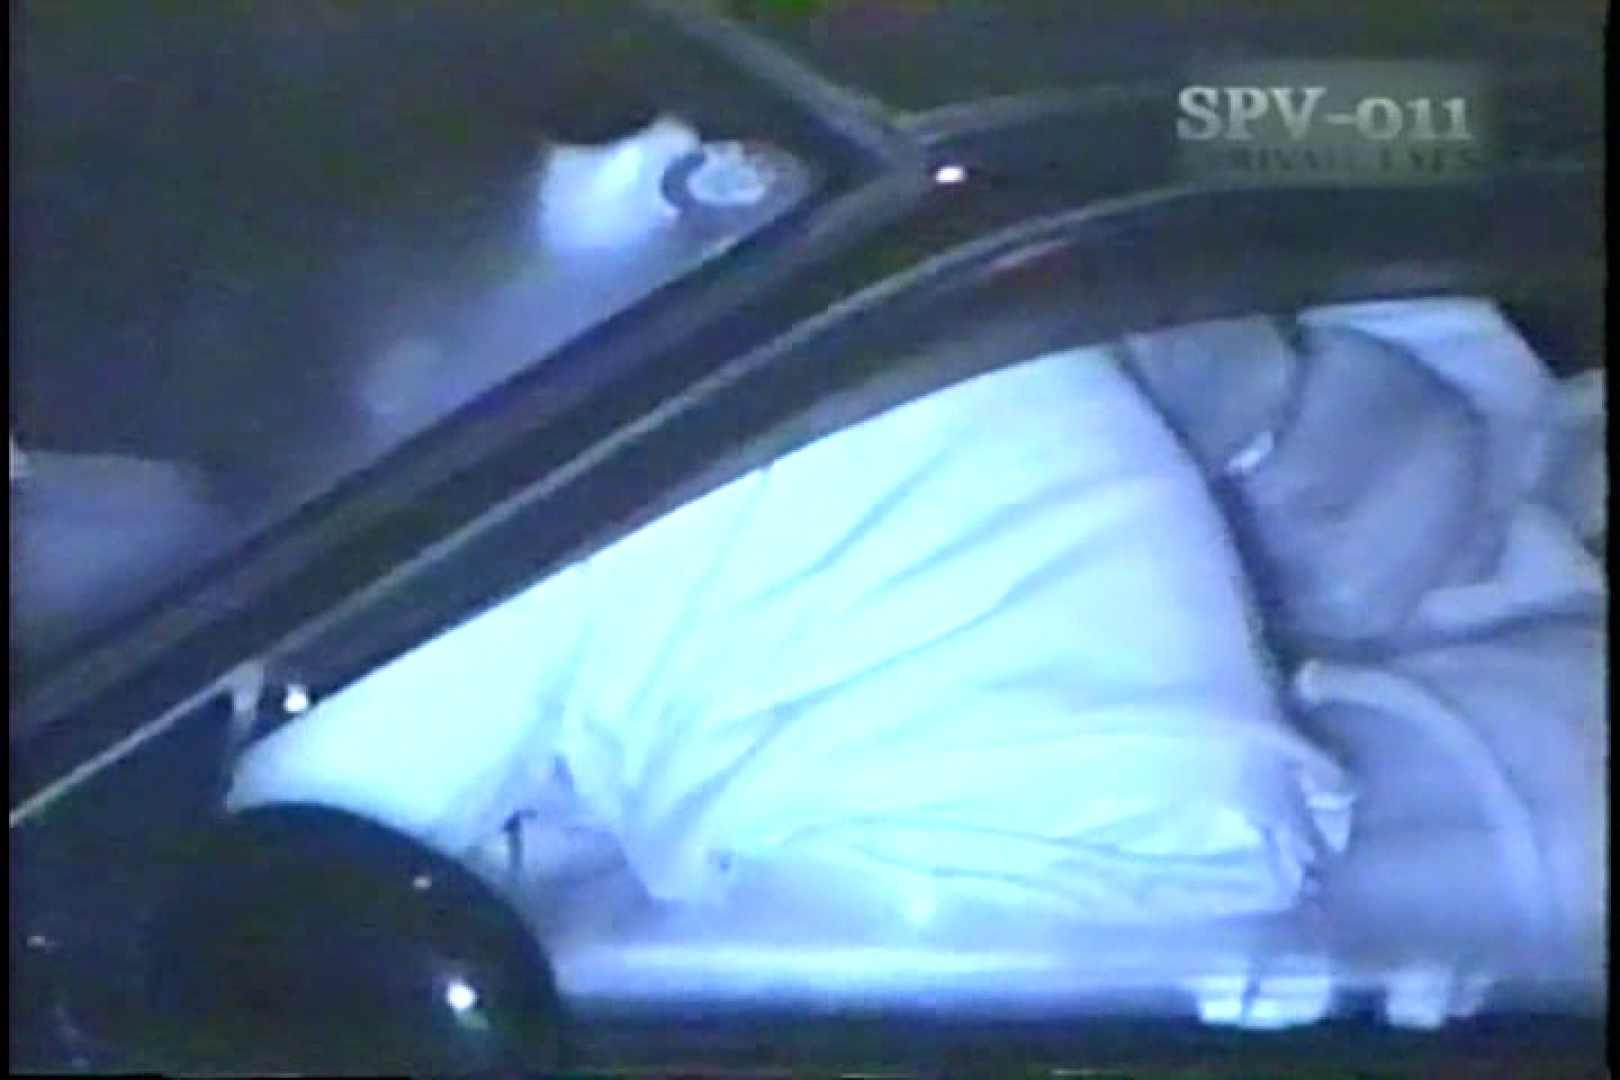 高画質版!SPD-011 盗撮 カーセックス黙示録 (VHS) 盗撮   名作  63pic 5